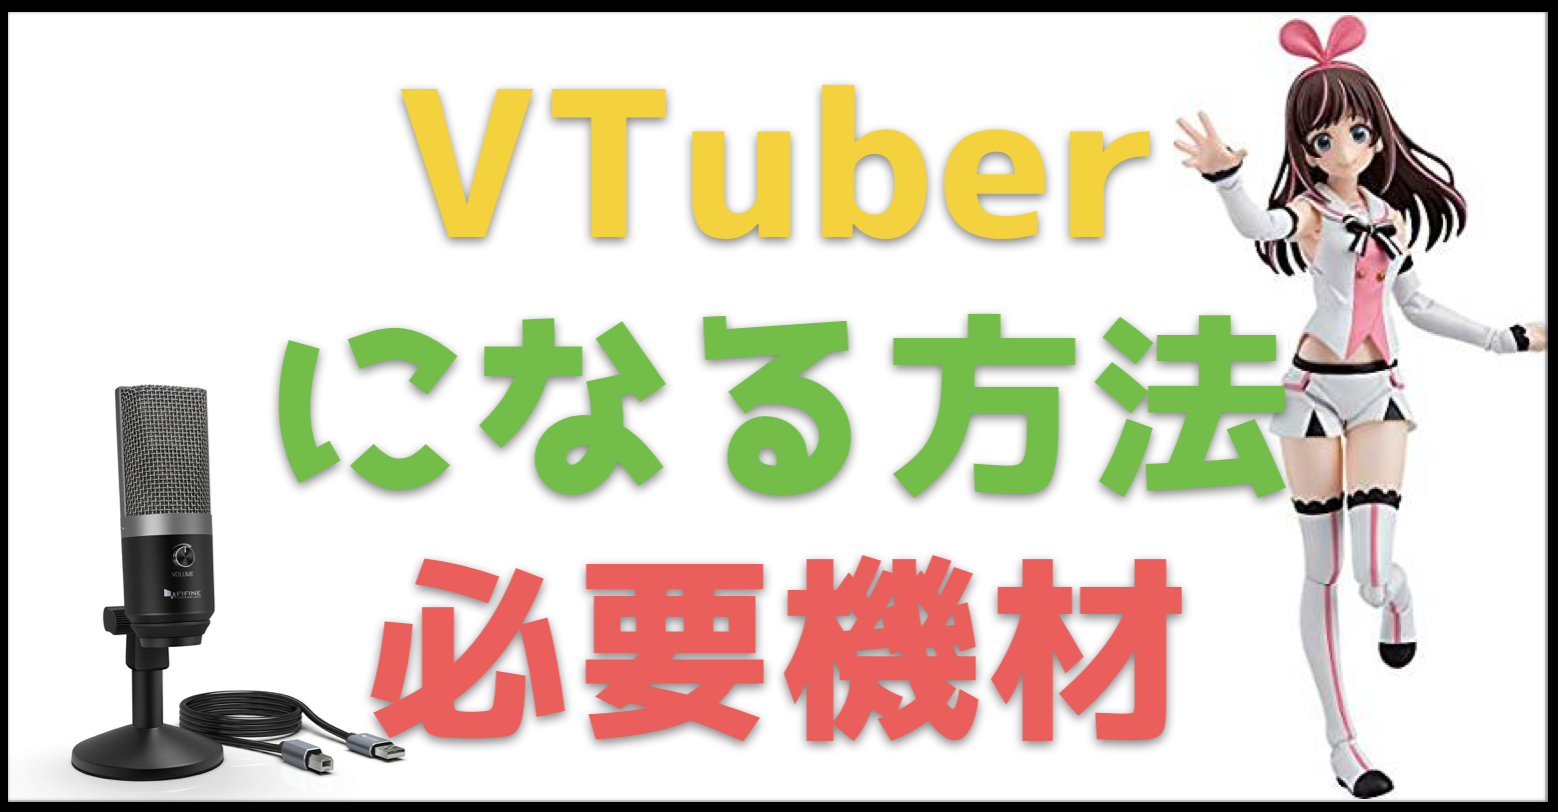 【VTuber】バーチャルユーチューバーになる方法や必要機材を調べてみた